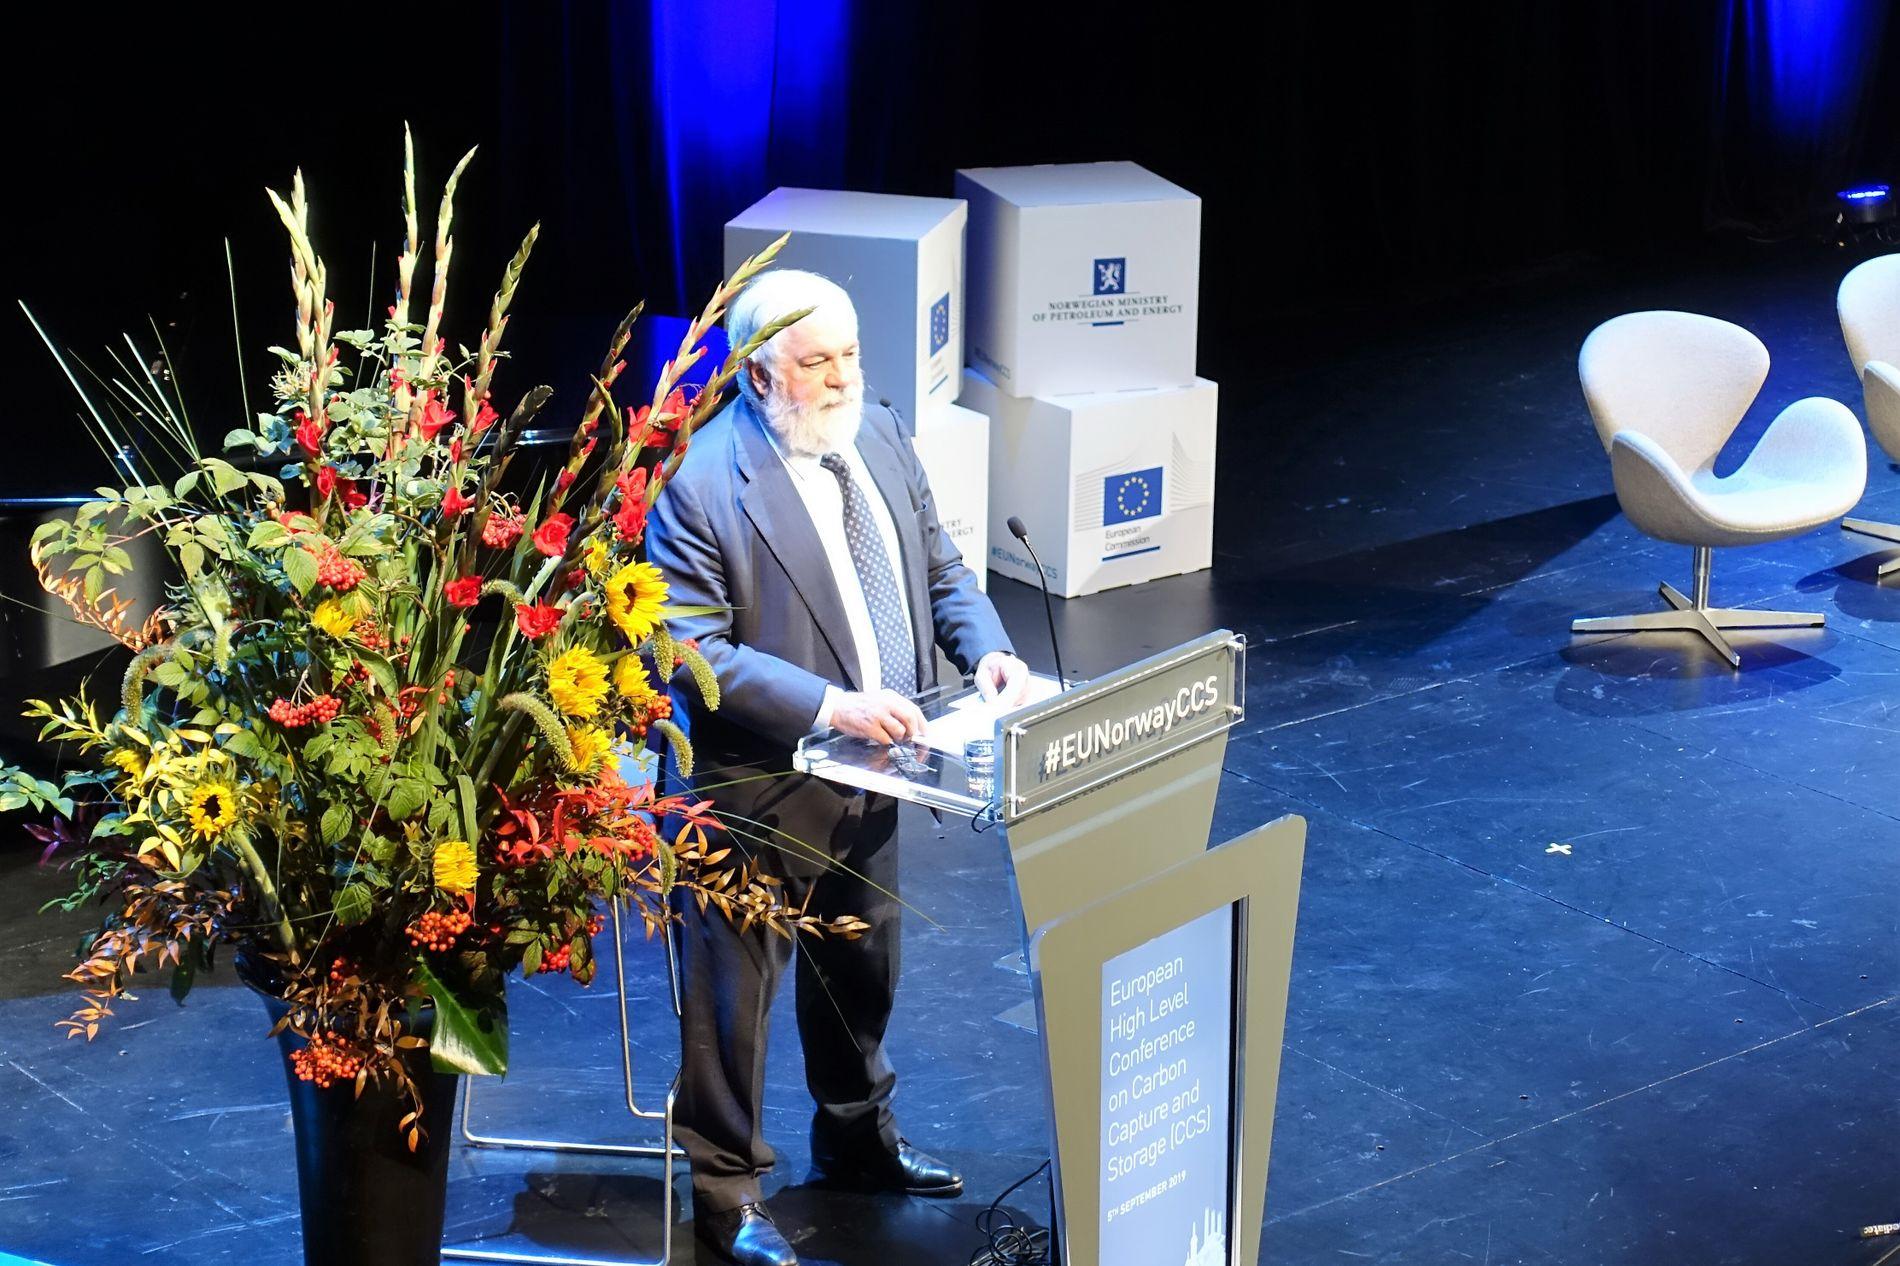 ØNSKER CO₂-LAGRING: EUs energi- og klimakommissær Miguel Arias Cañete taler i operaen.